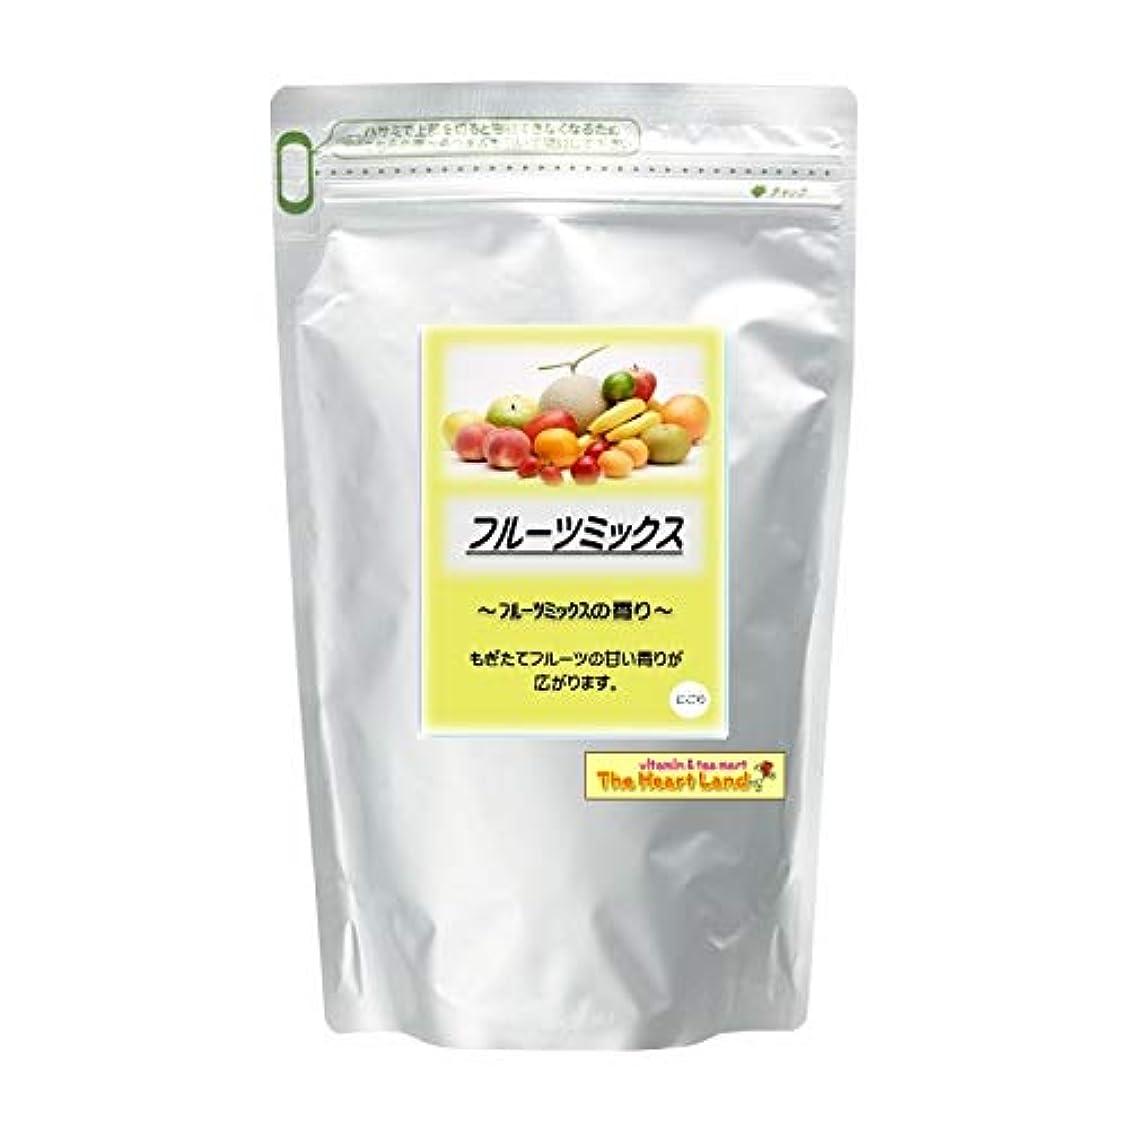 ブロッサムパドルに沿ってアサヒ入浴剤 浴用入浴化粧品 フルーツミックス 2.5kg